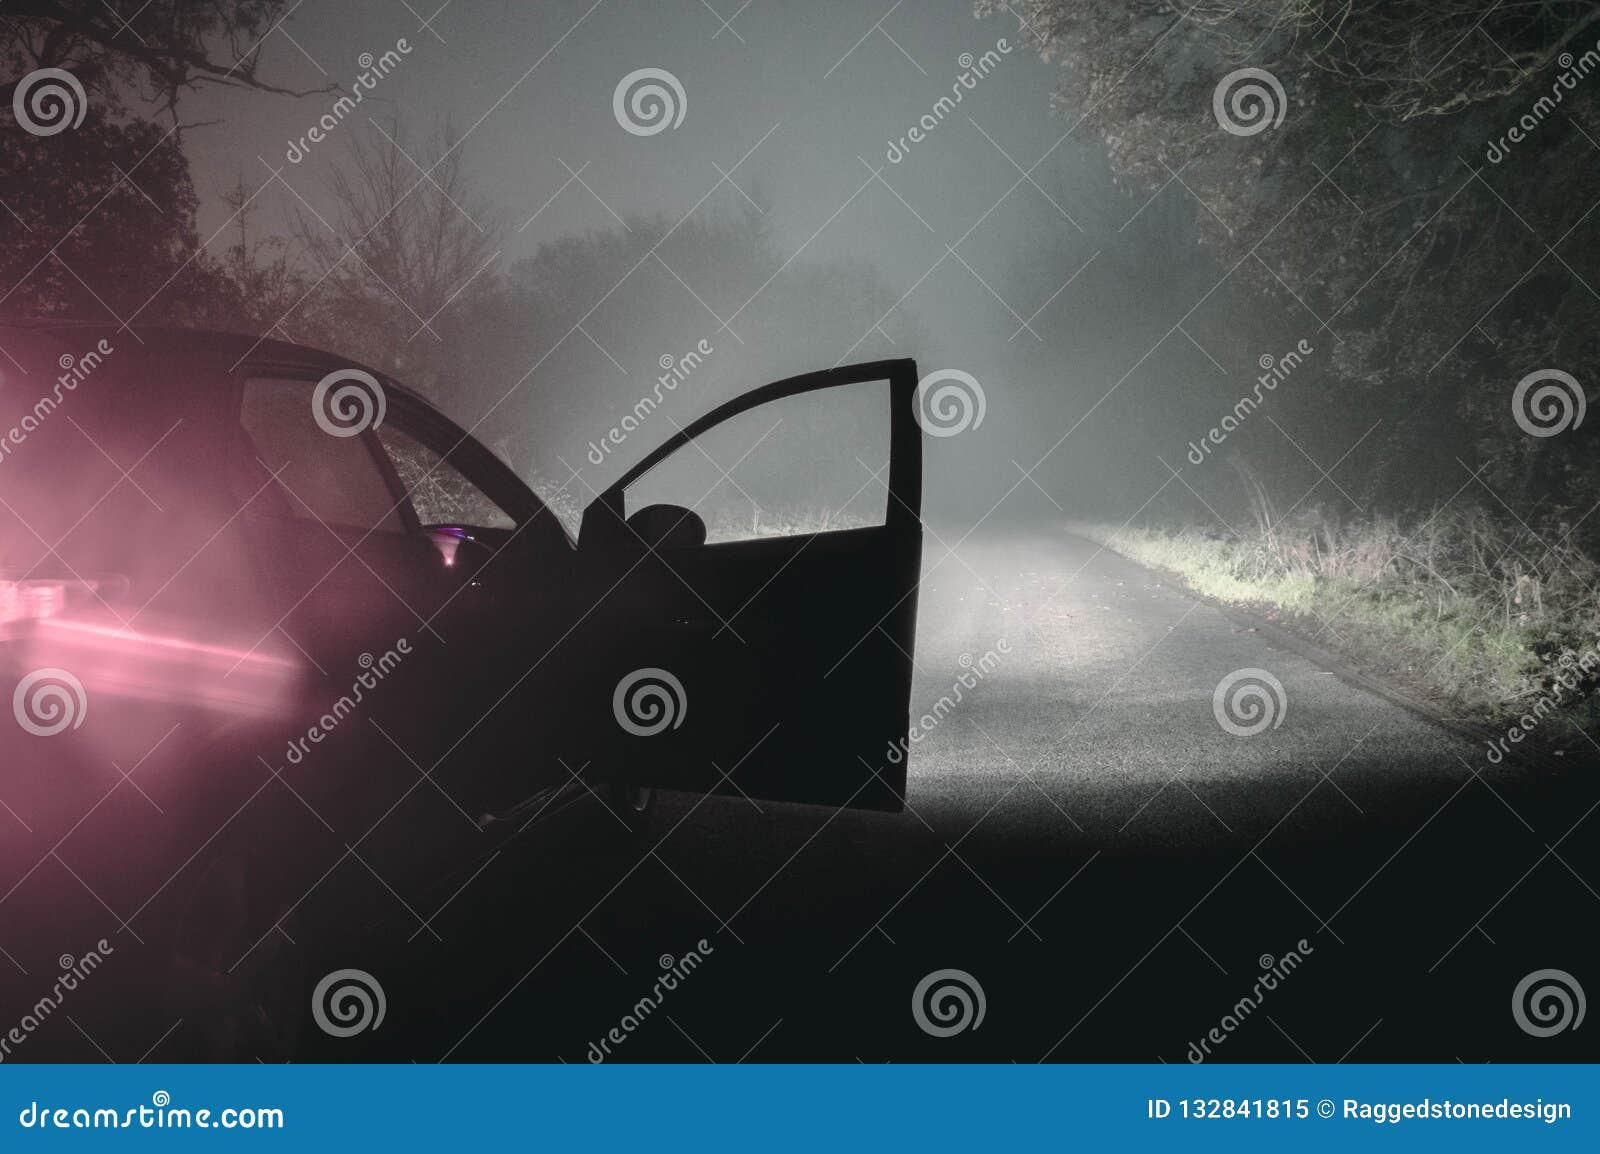 Une voiture avec elle est allumée les phares et la porte ouverte sur les WI brumeux fantasmagoriques